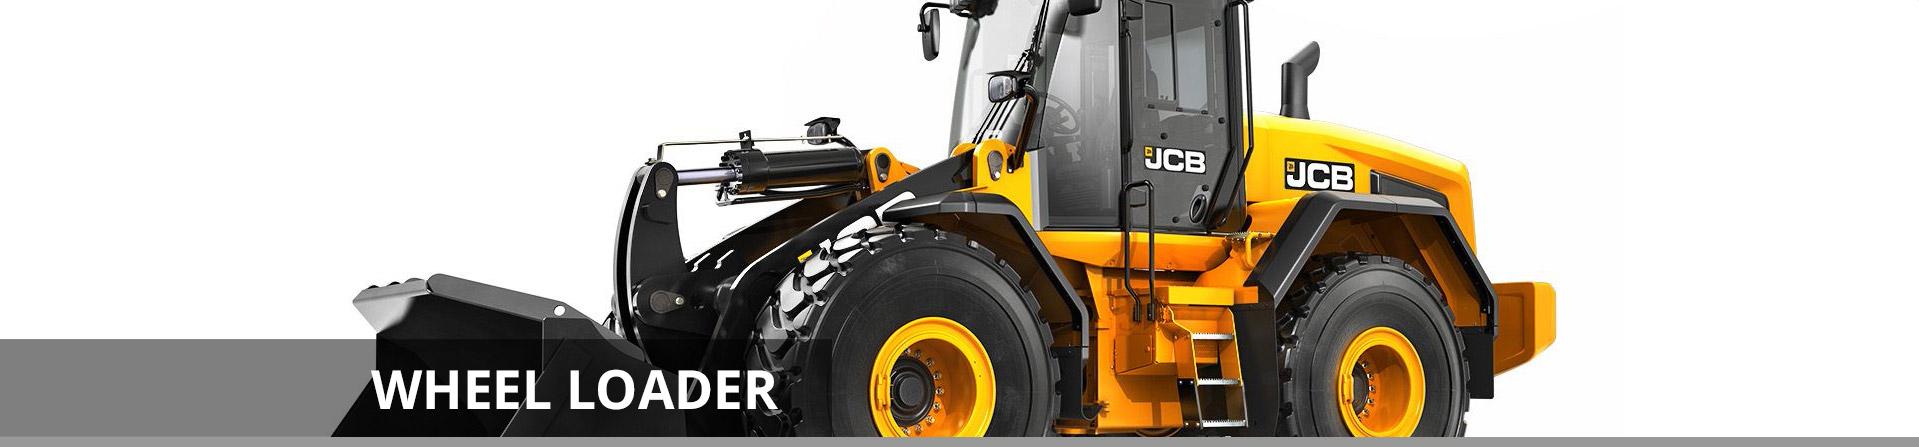 Wheel Loader Header